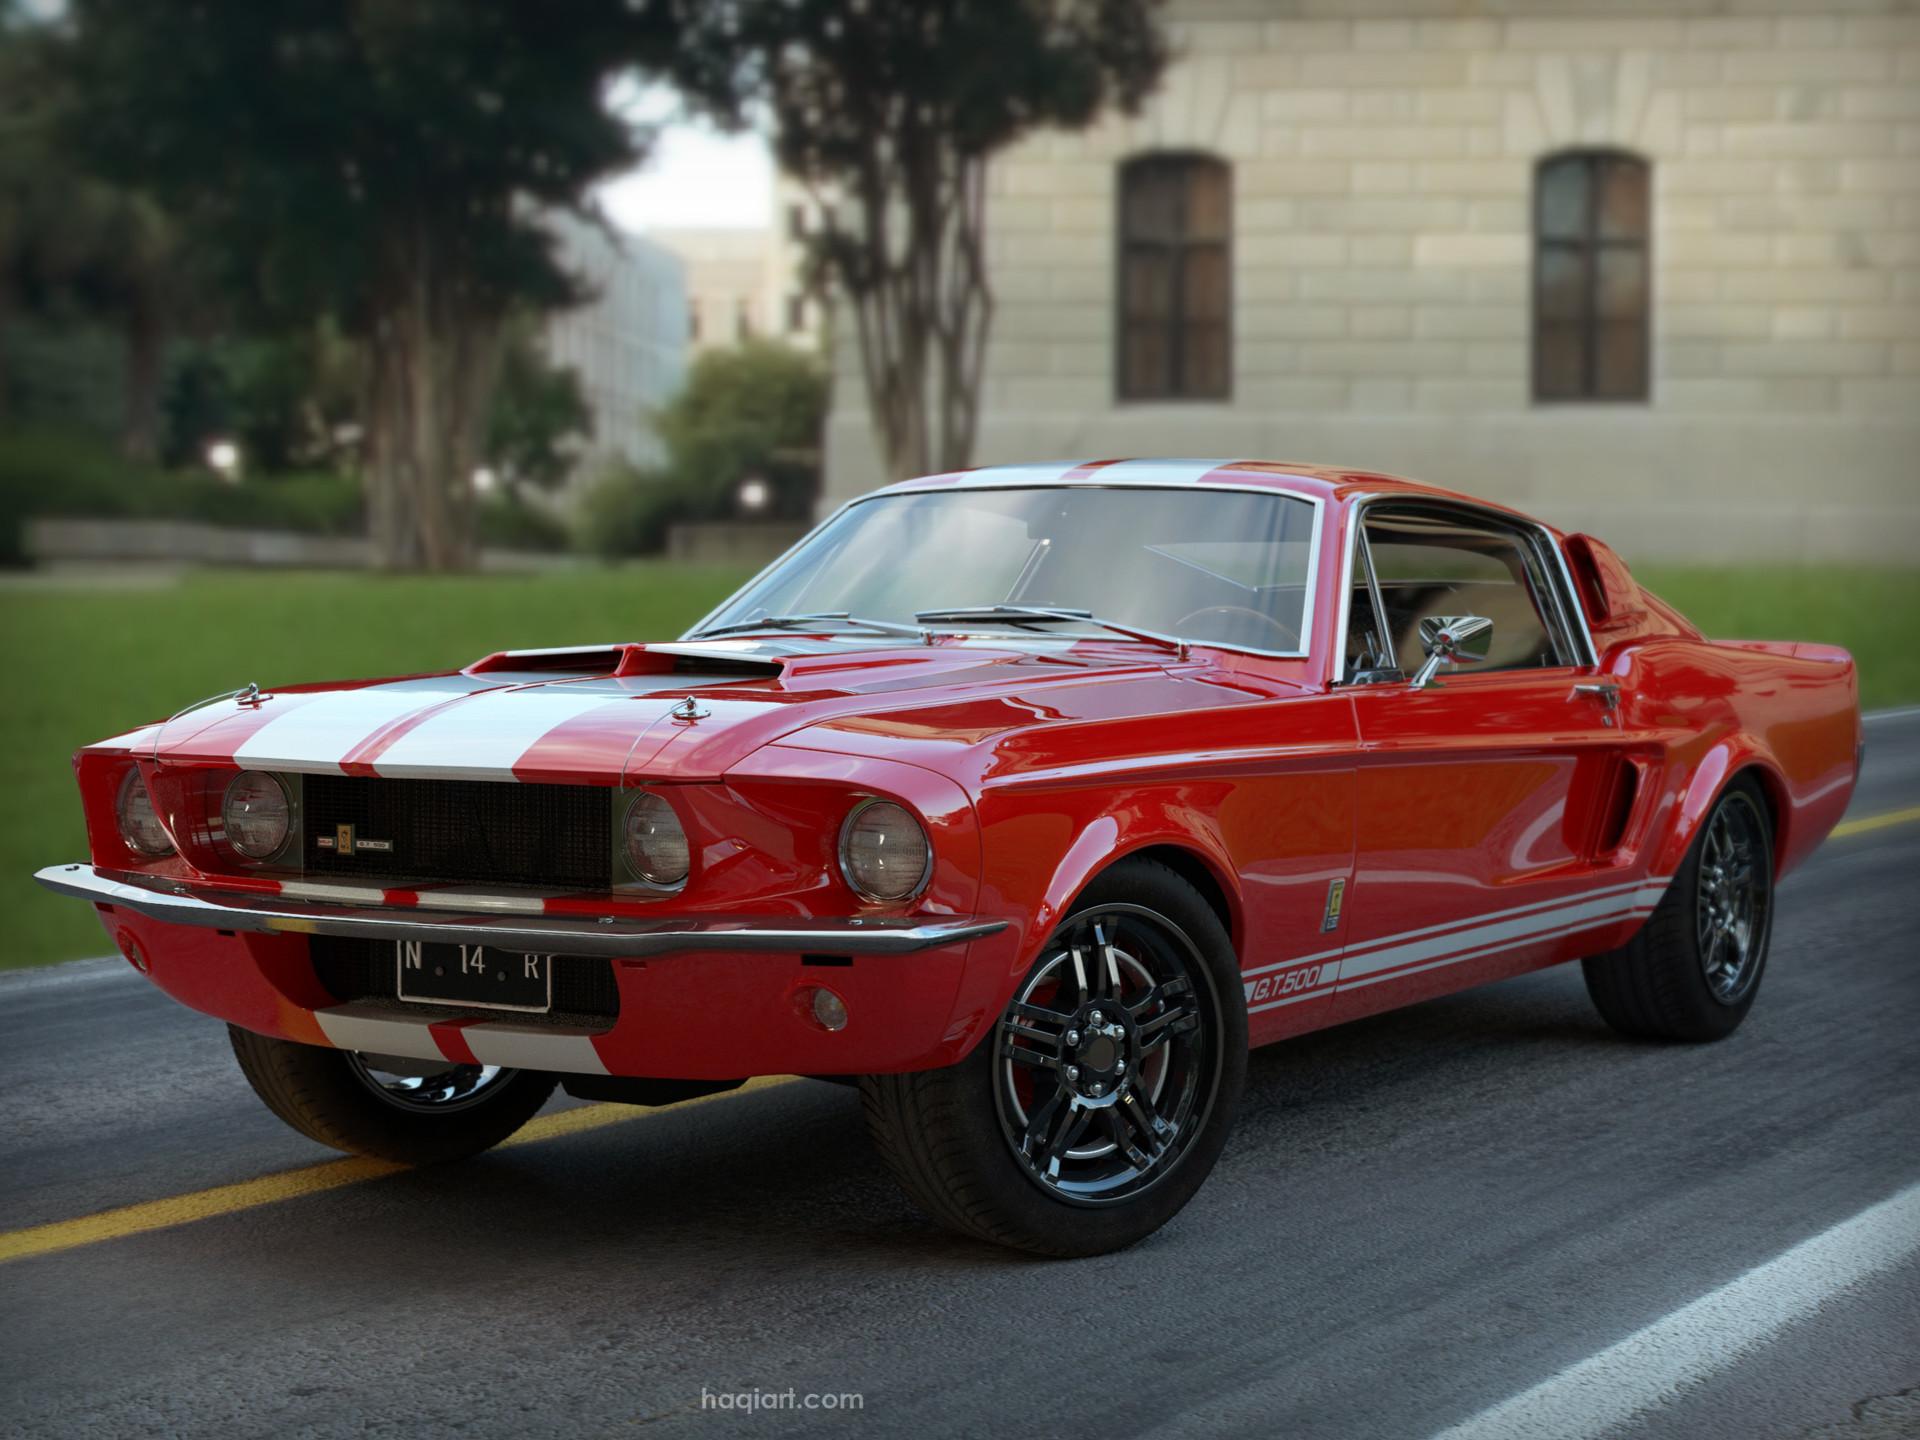 ArtStation - Mustang Shelby GT500 1967 Modeling, Ahmad